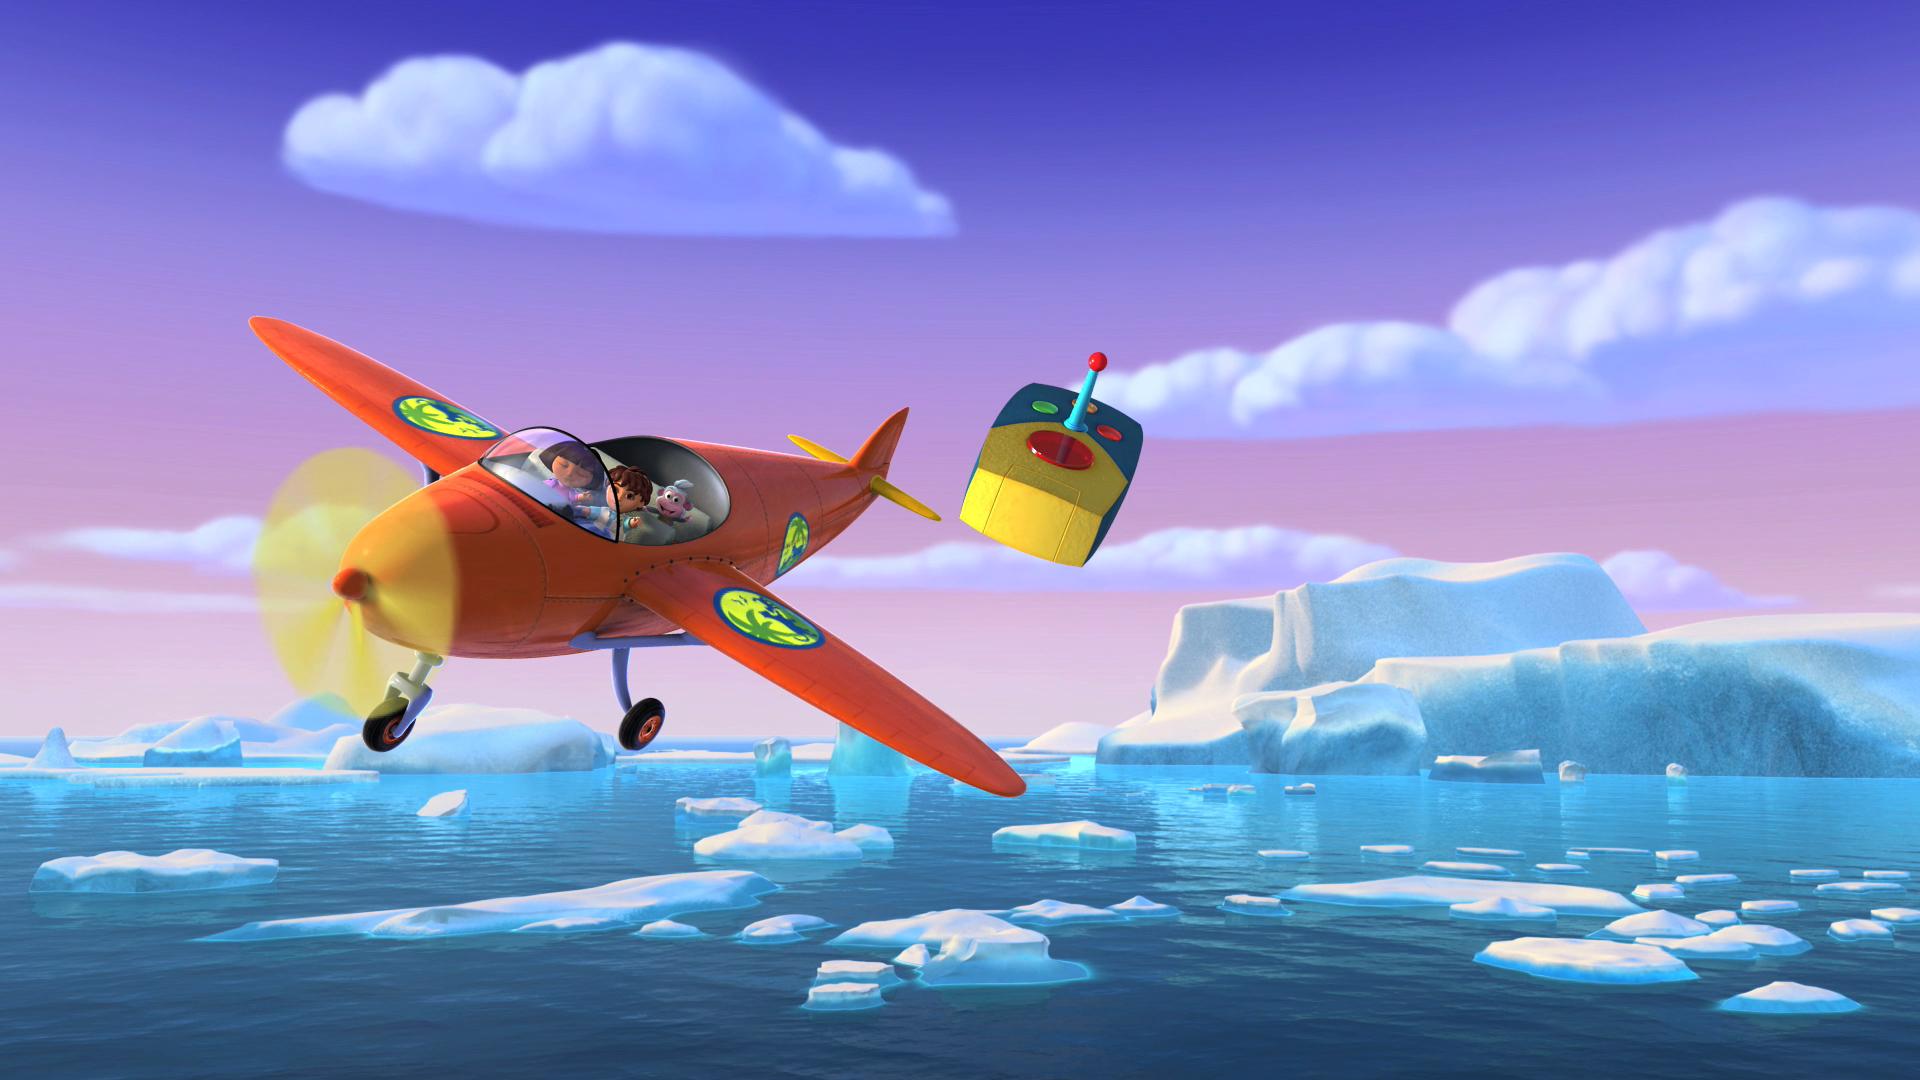 DoraDiego_airplane.jpg